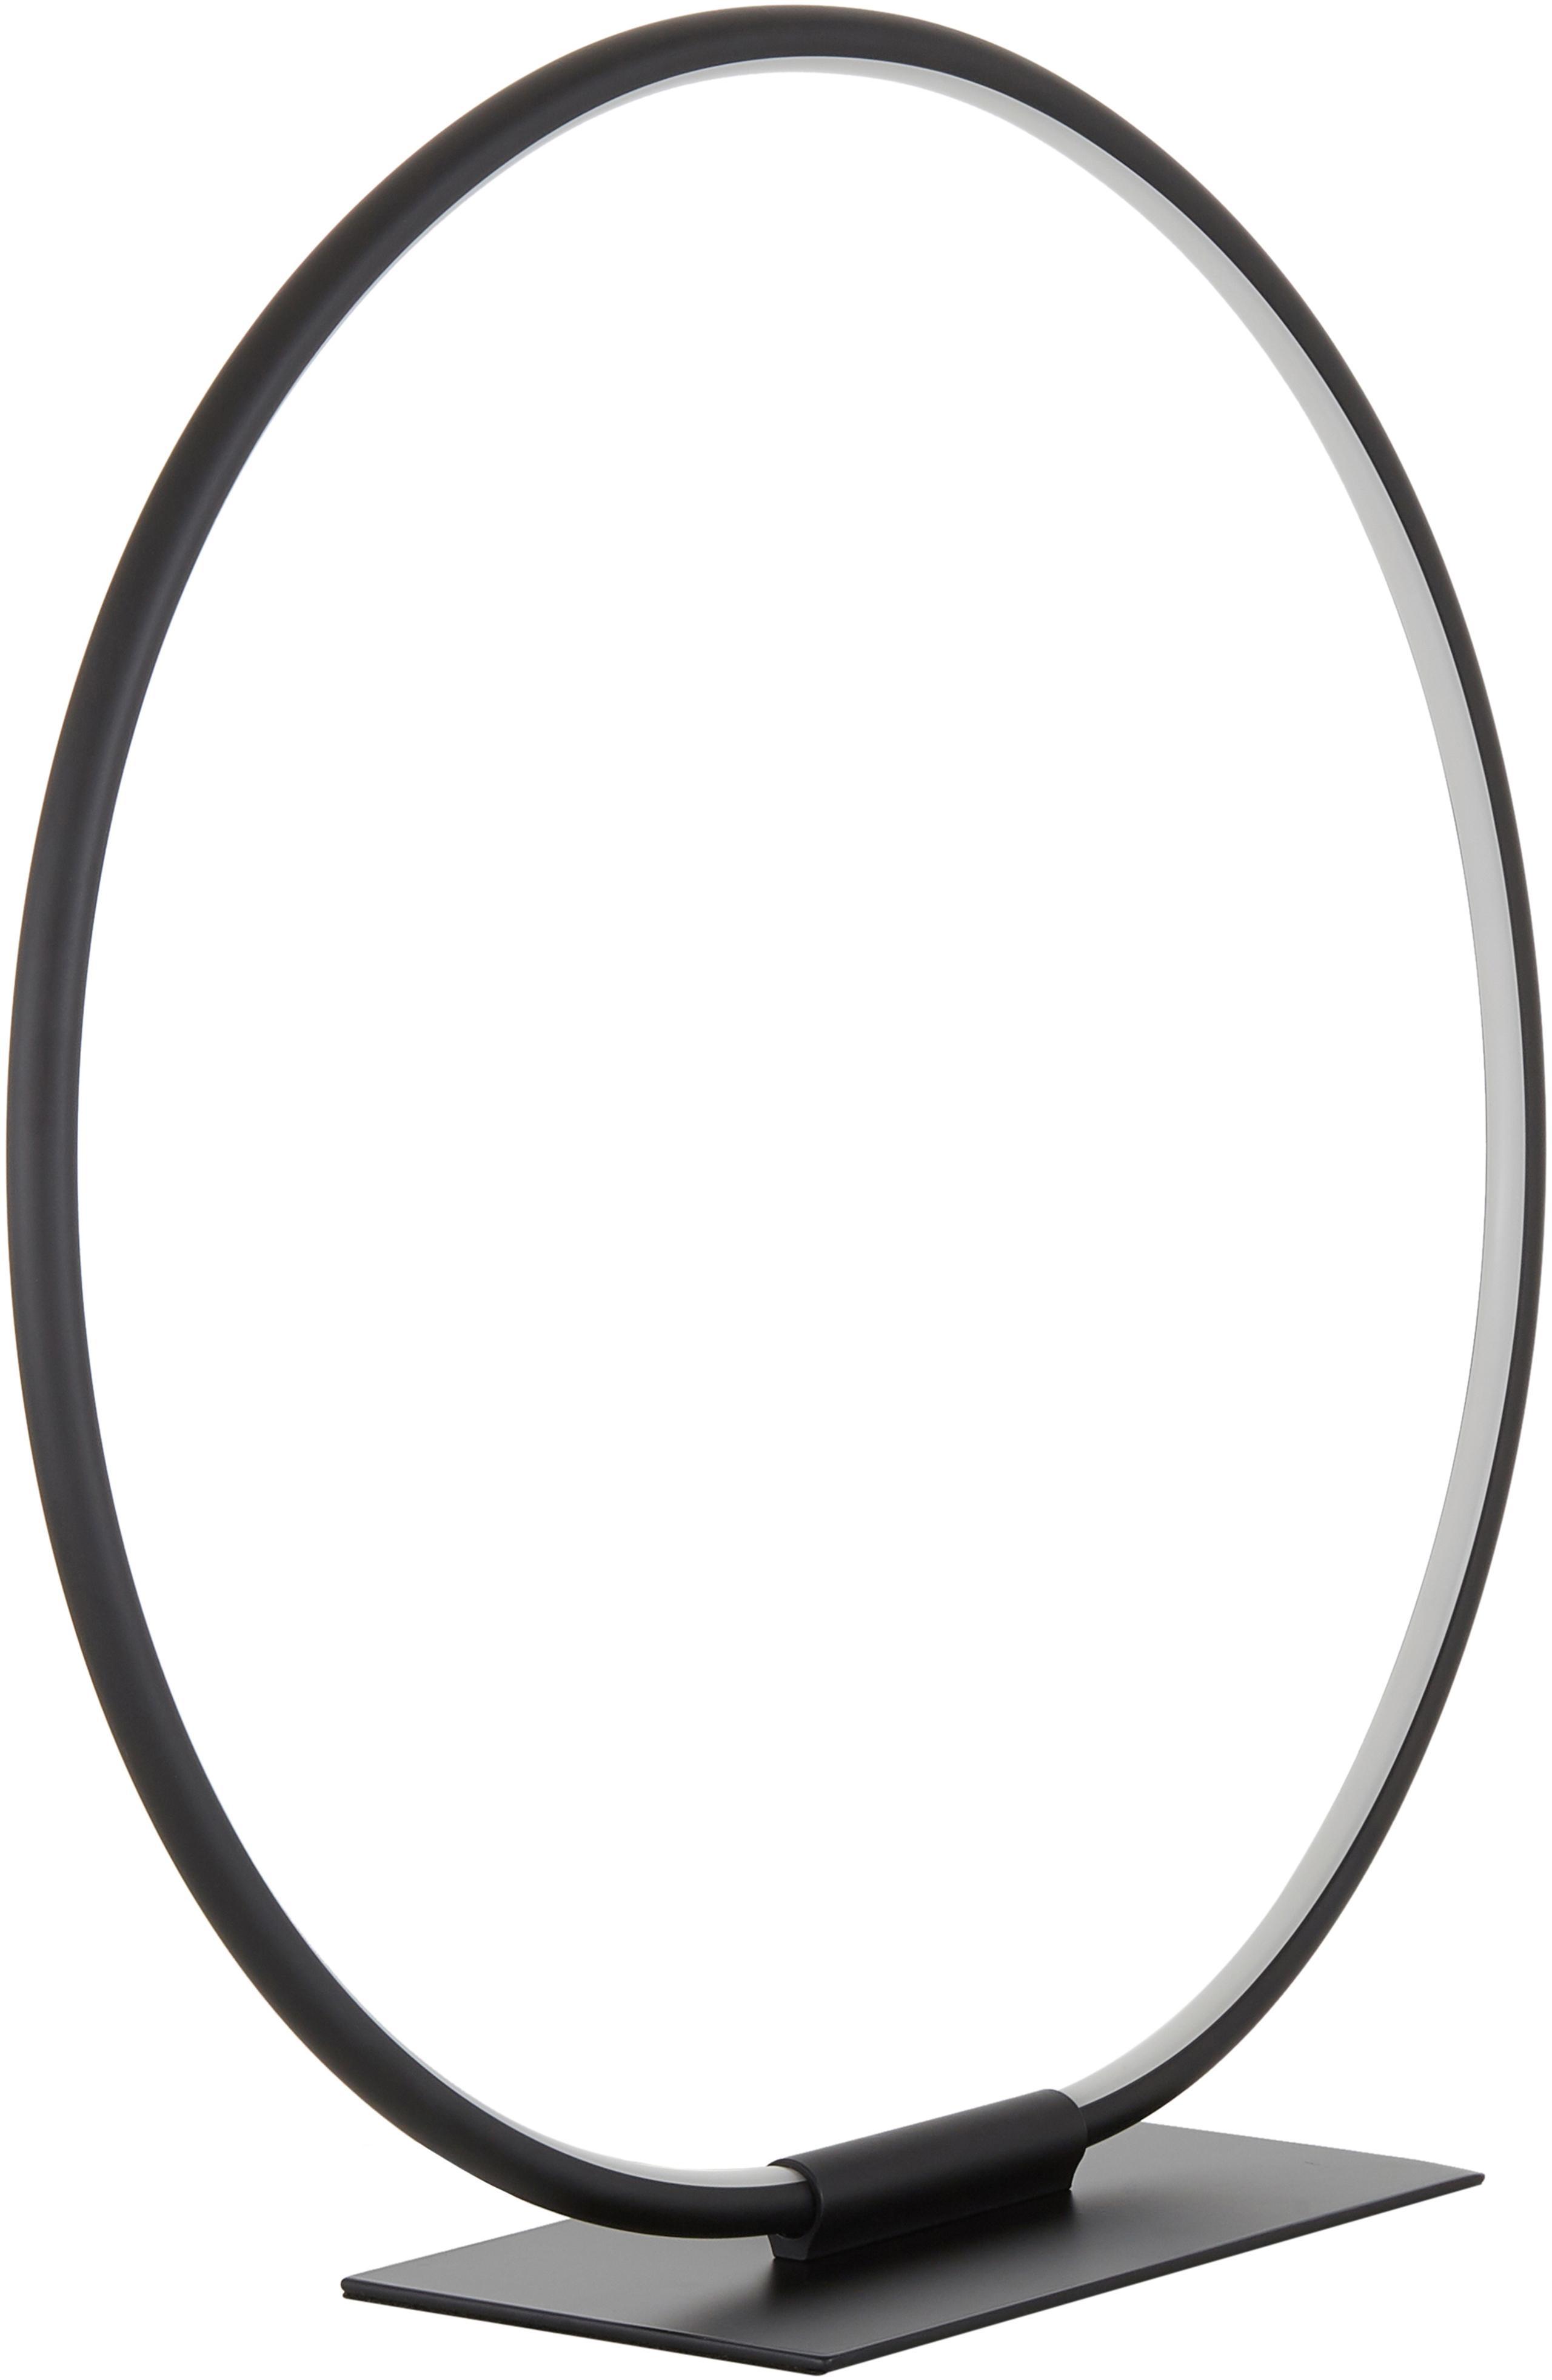 Lampada da tavolo a LED Jay, Paralume: Alluminio verniciato a po, Base della lampada: Alluminio verniciato a po, Baldacchino: nero opaco Paralume: nero opaco Cavo: nero, Ø 43 x Alt. 44 cm